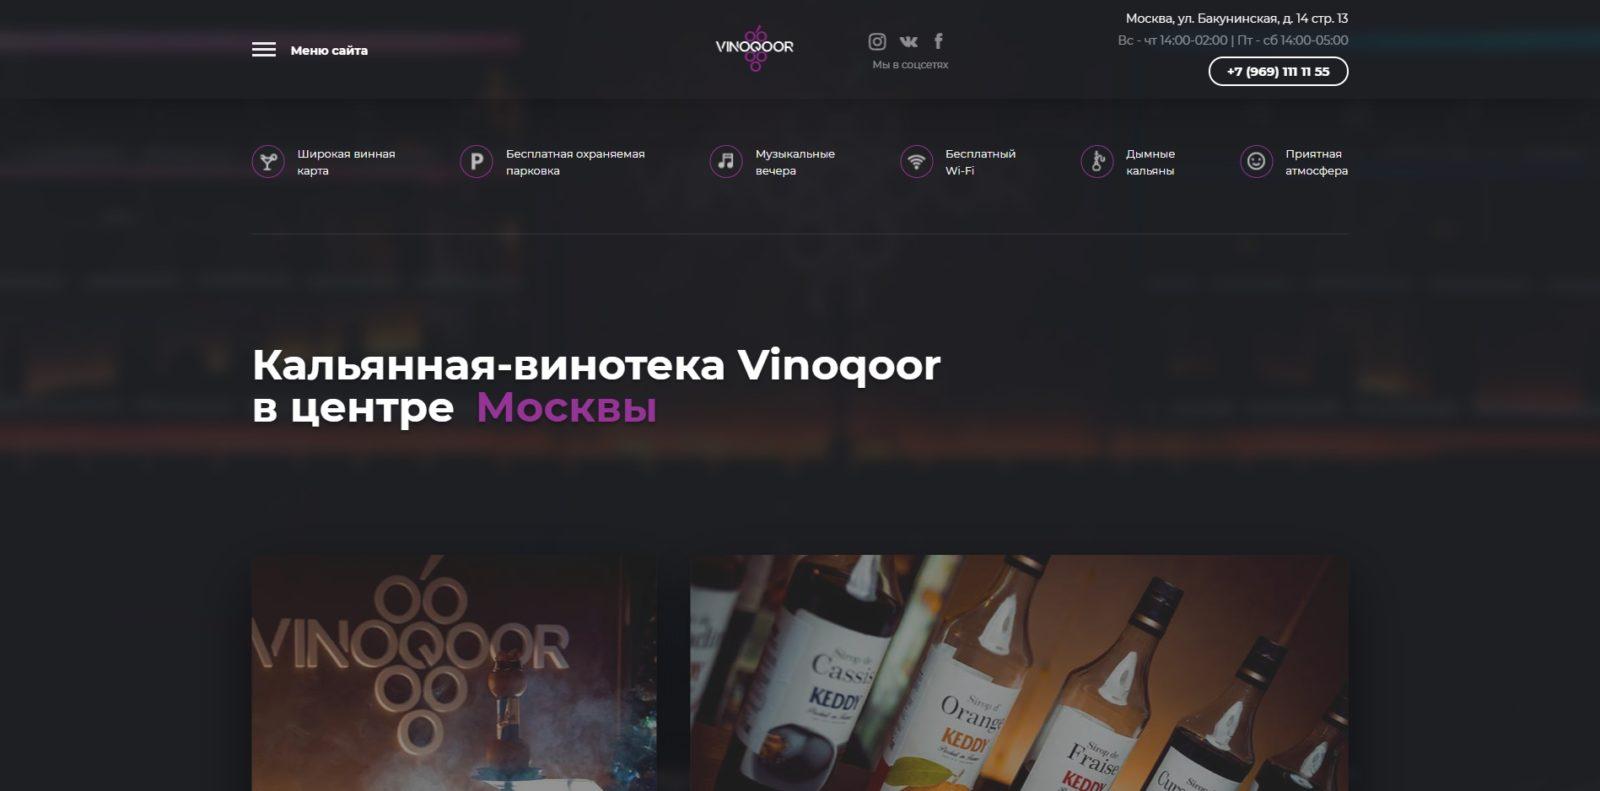 vinoqoor.com